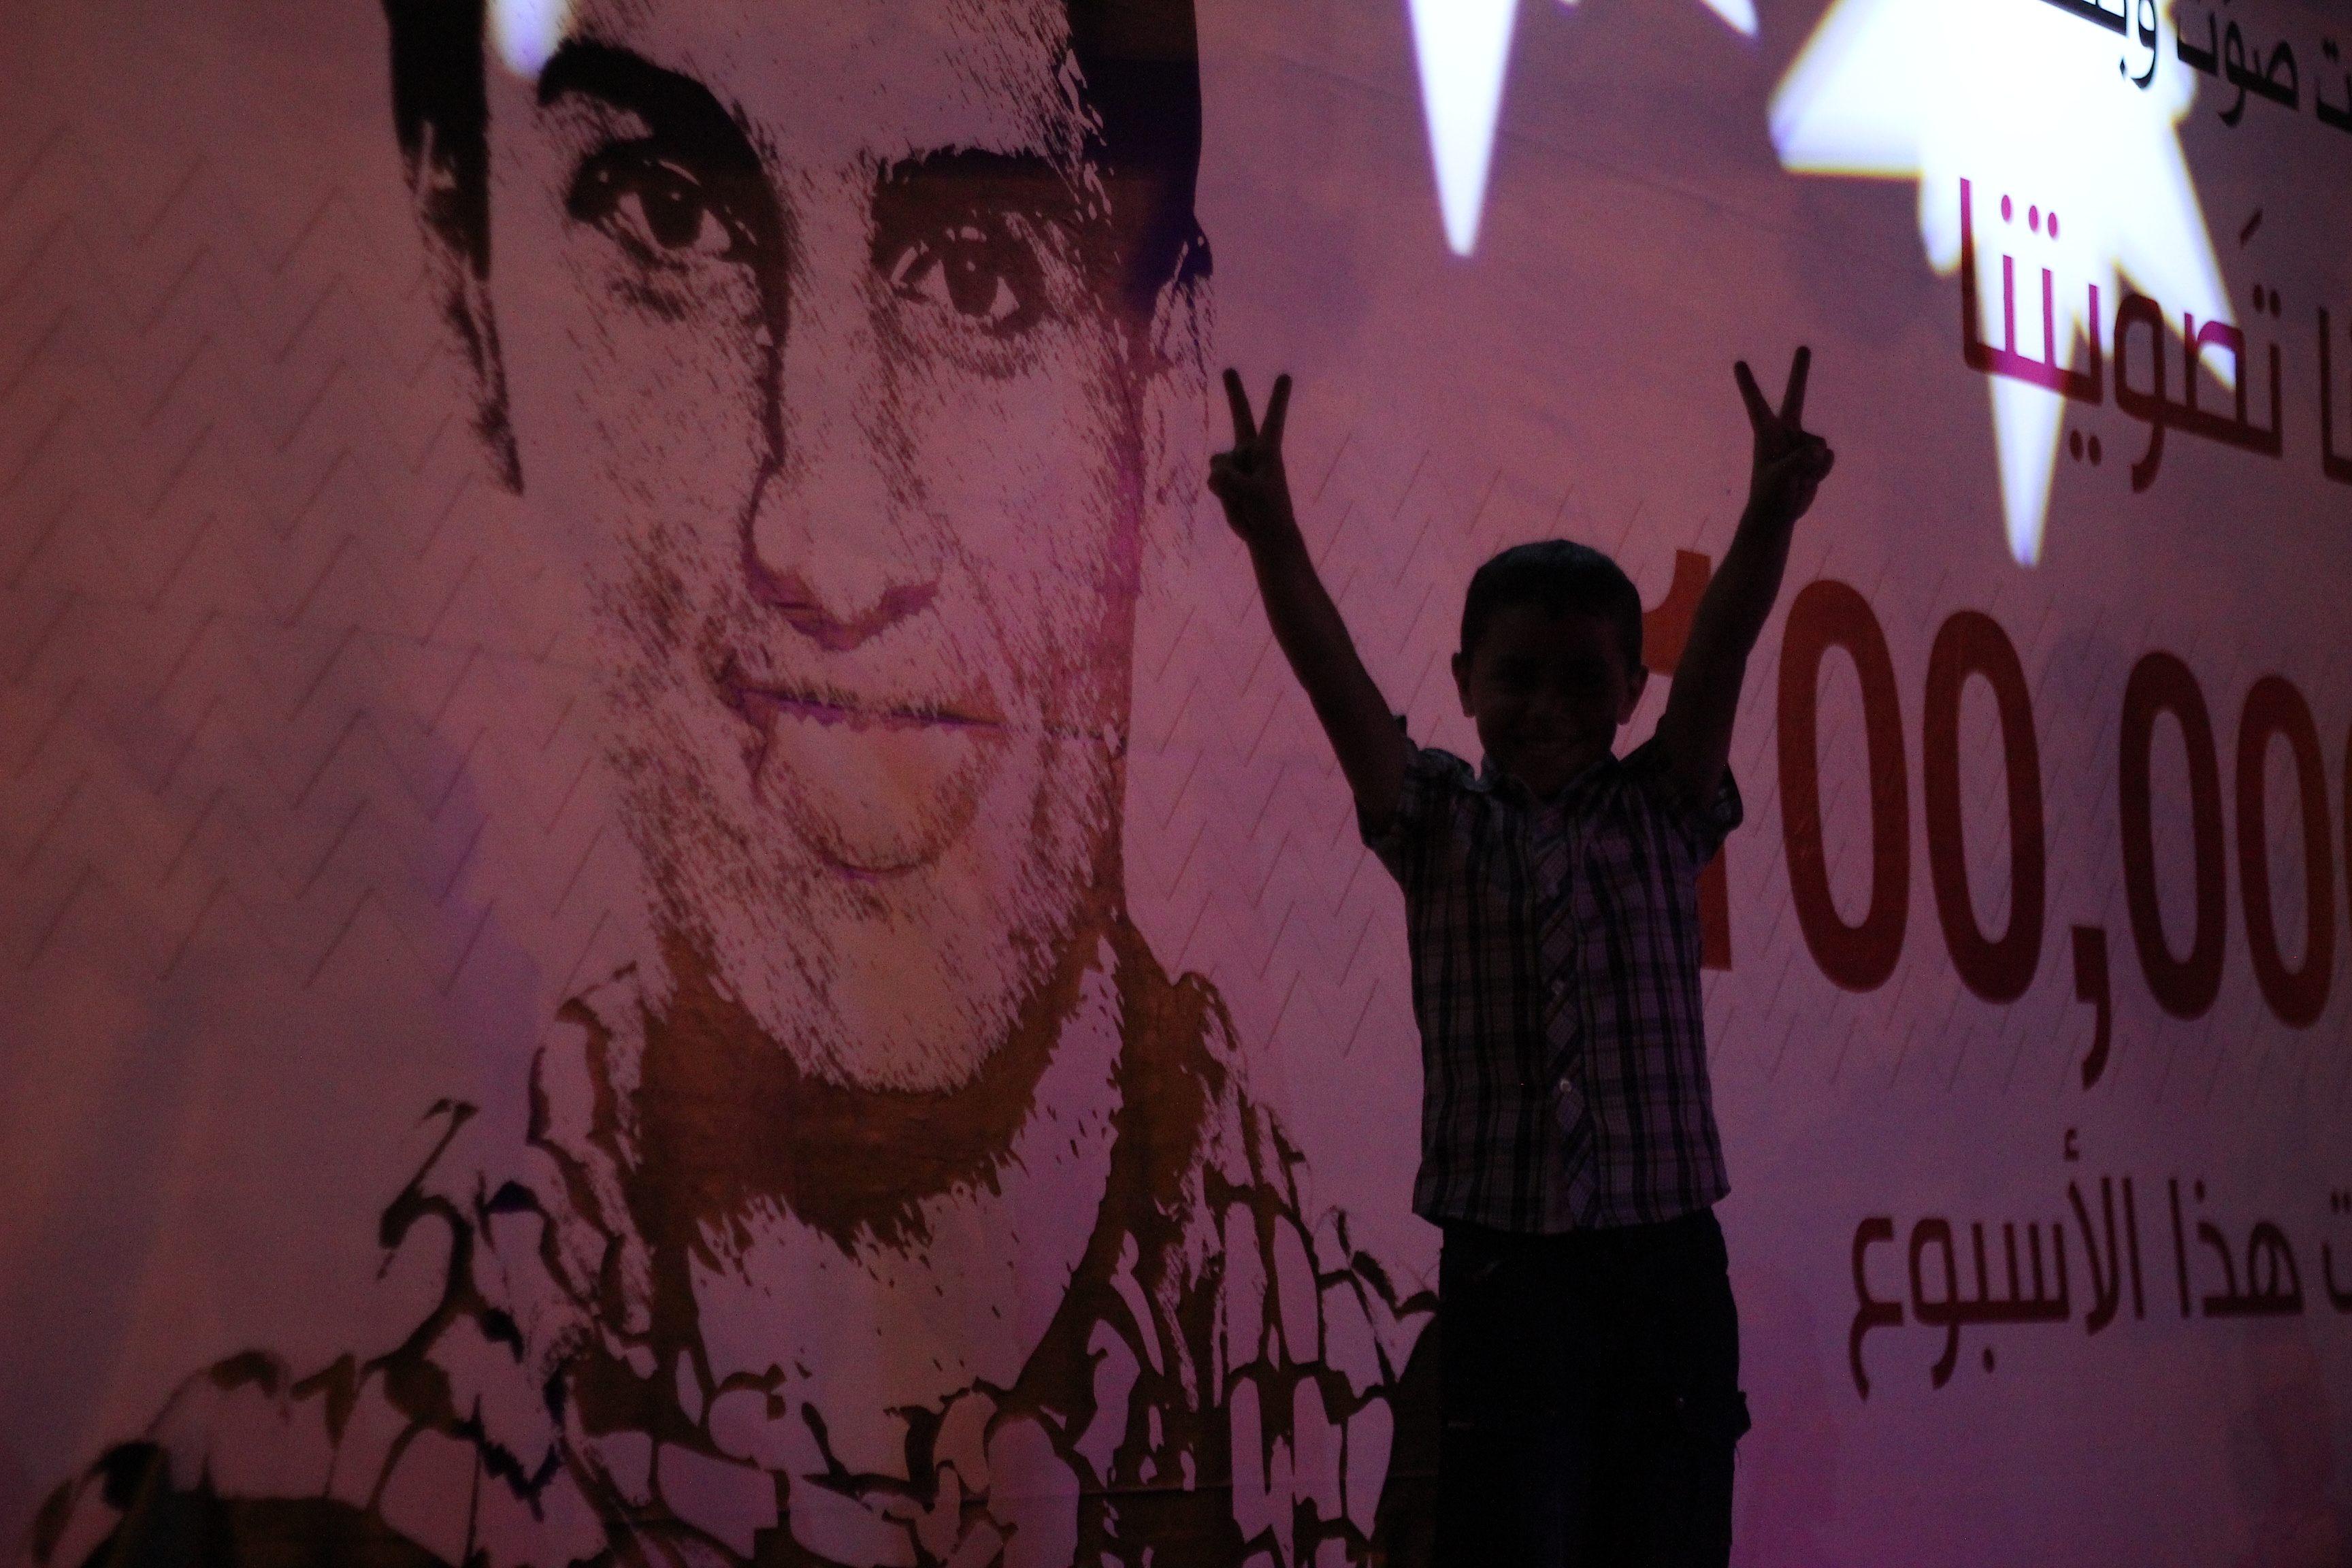 Un jeune Palestinien fait le signe de la victoire devant un poster de Mohammed Assaf à Ramallah le soir de la finale d'Arab Idol www.merblanche.com all rights reserved